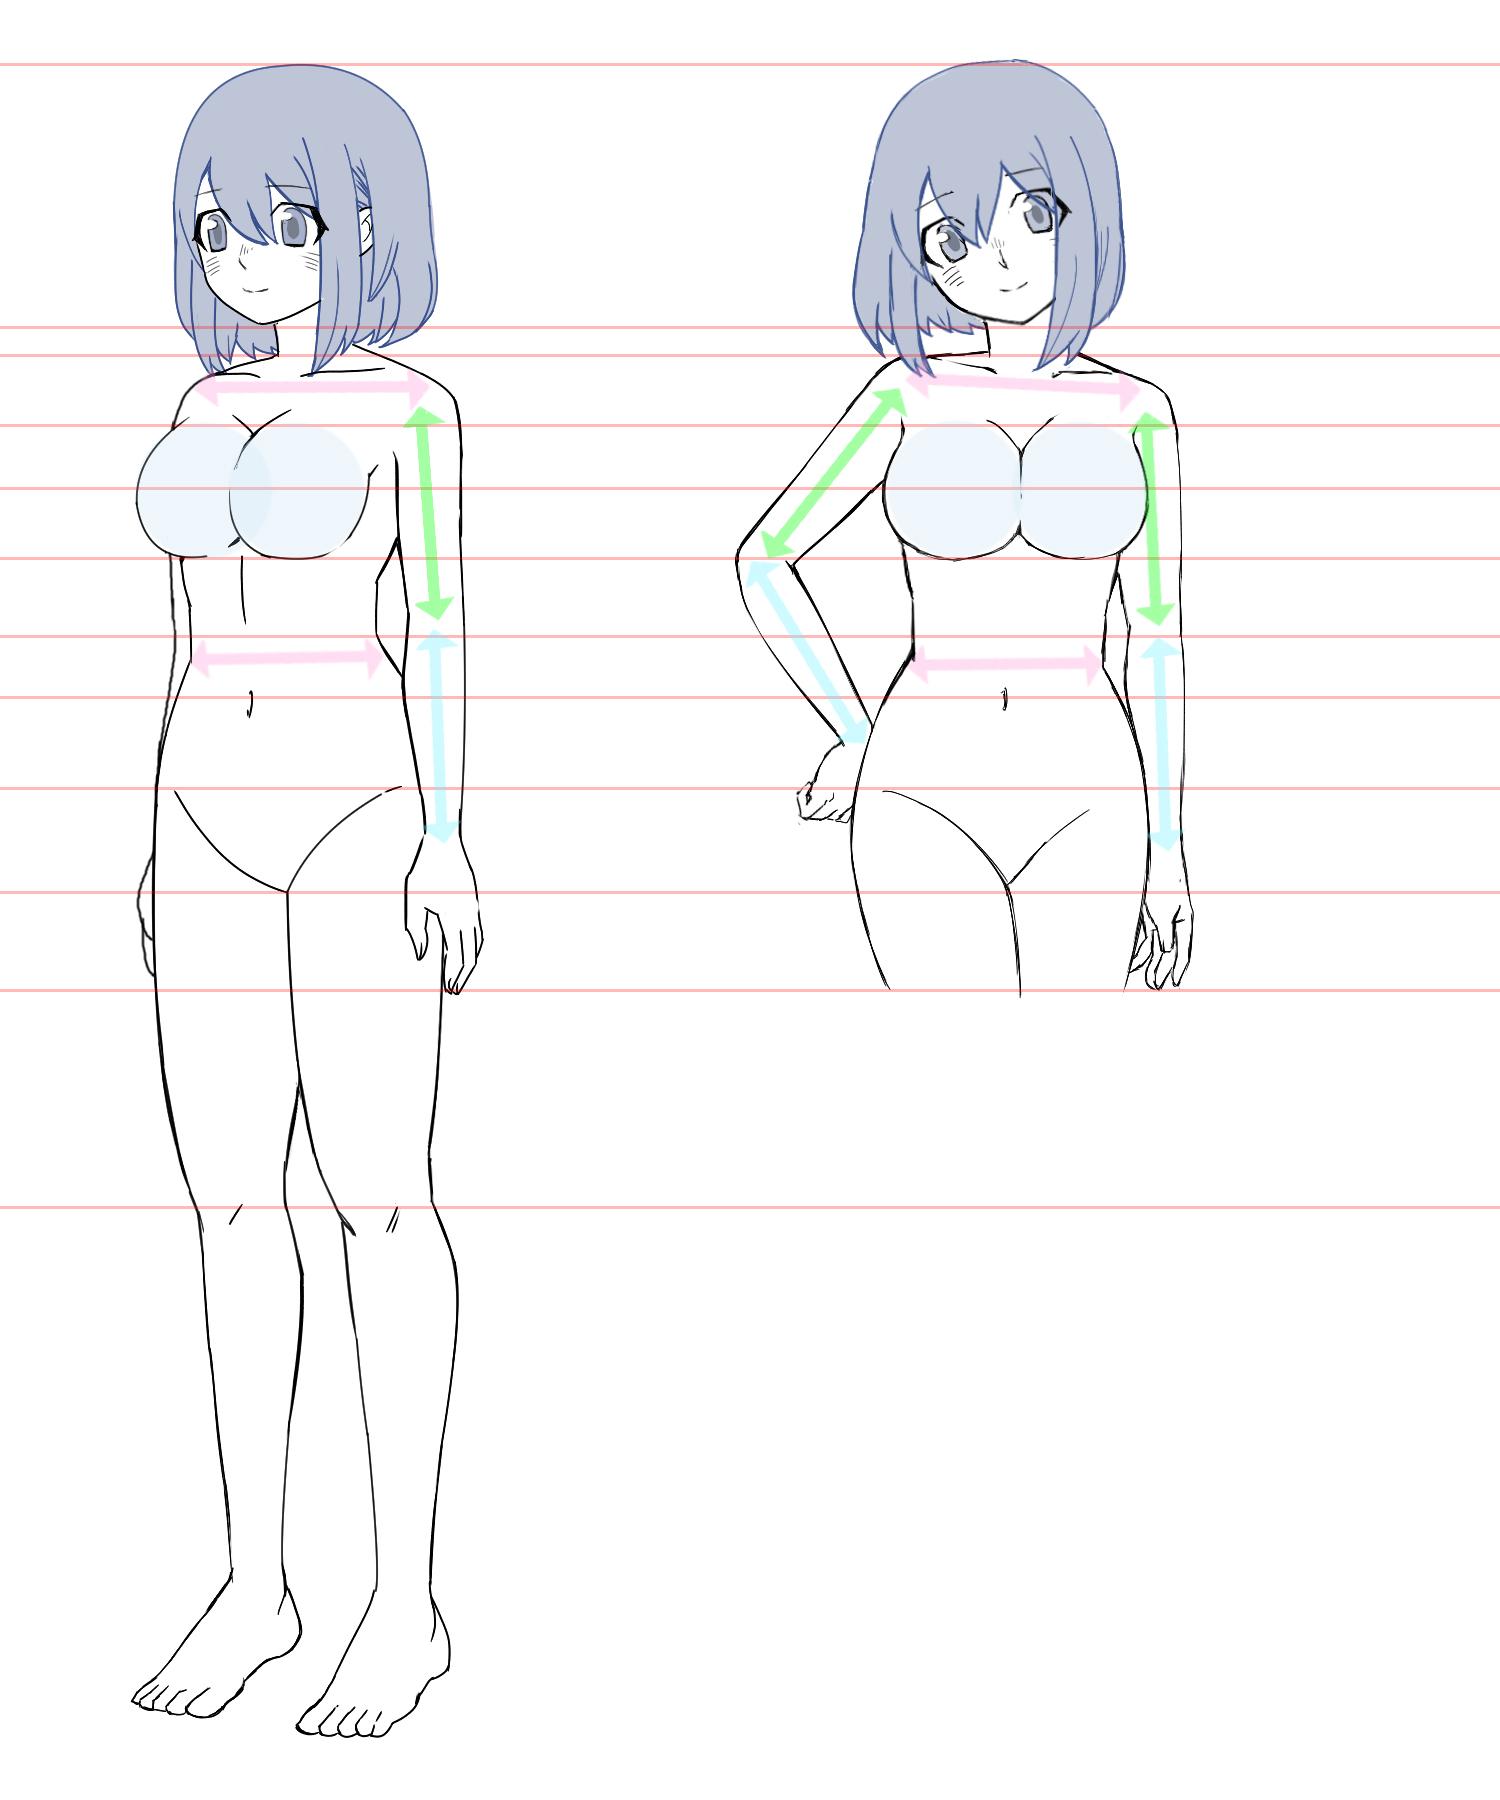 版権イラストのプロが教えるキャラクターを似せるための4カ条